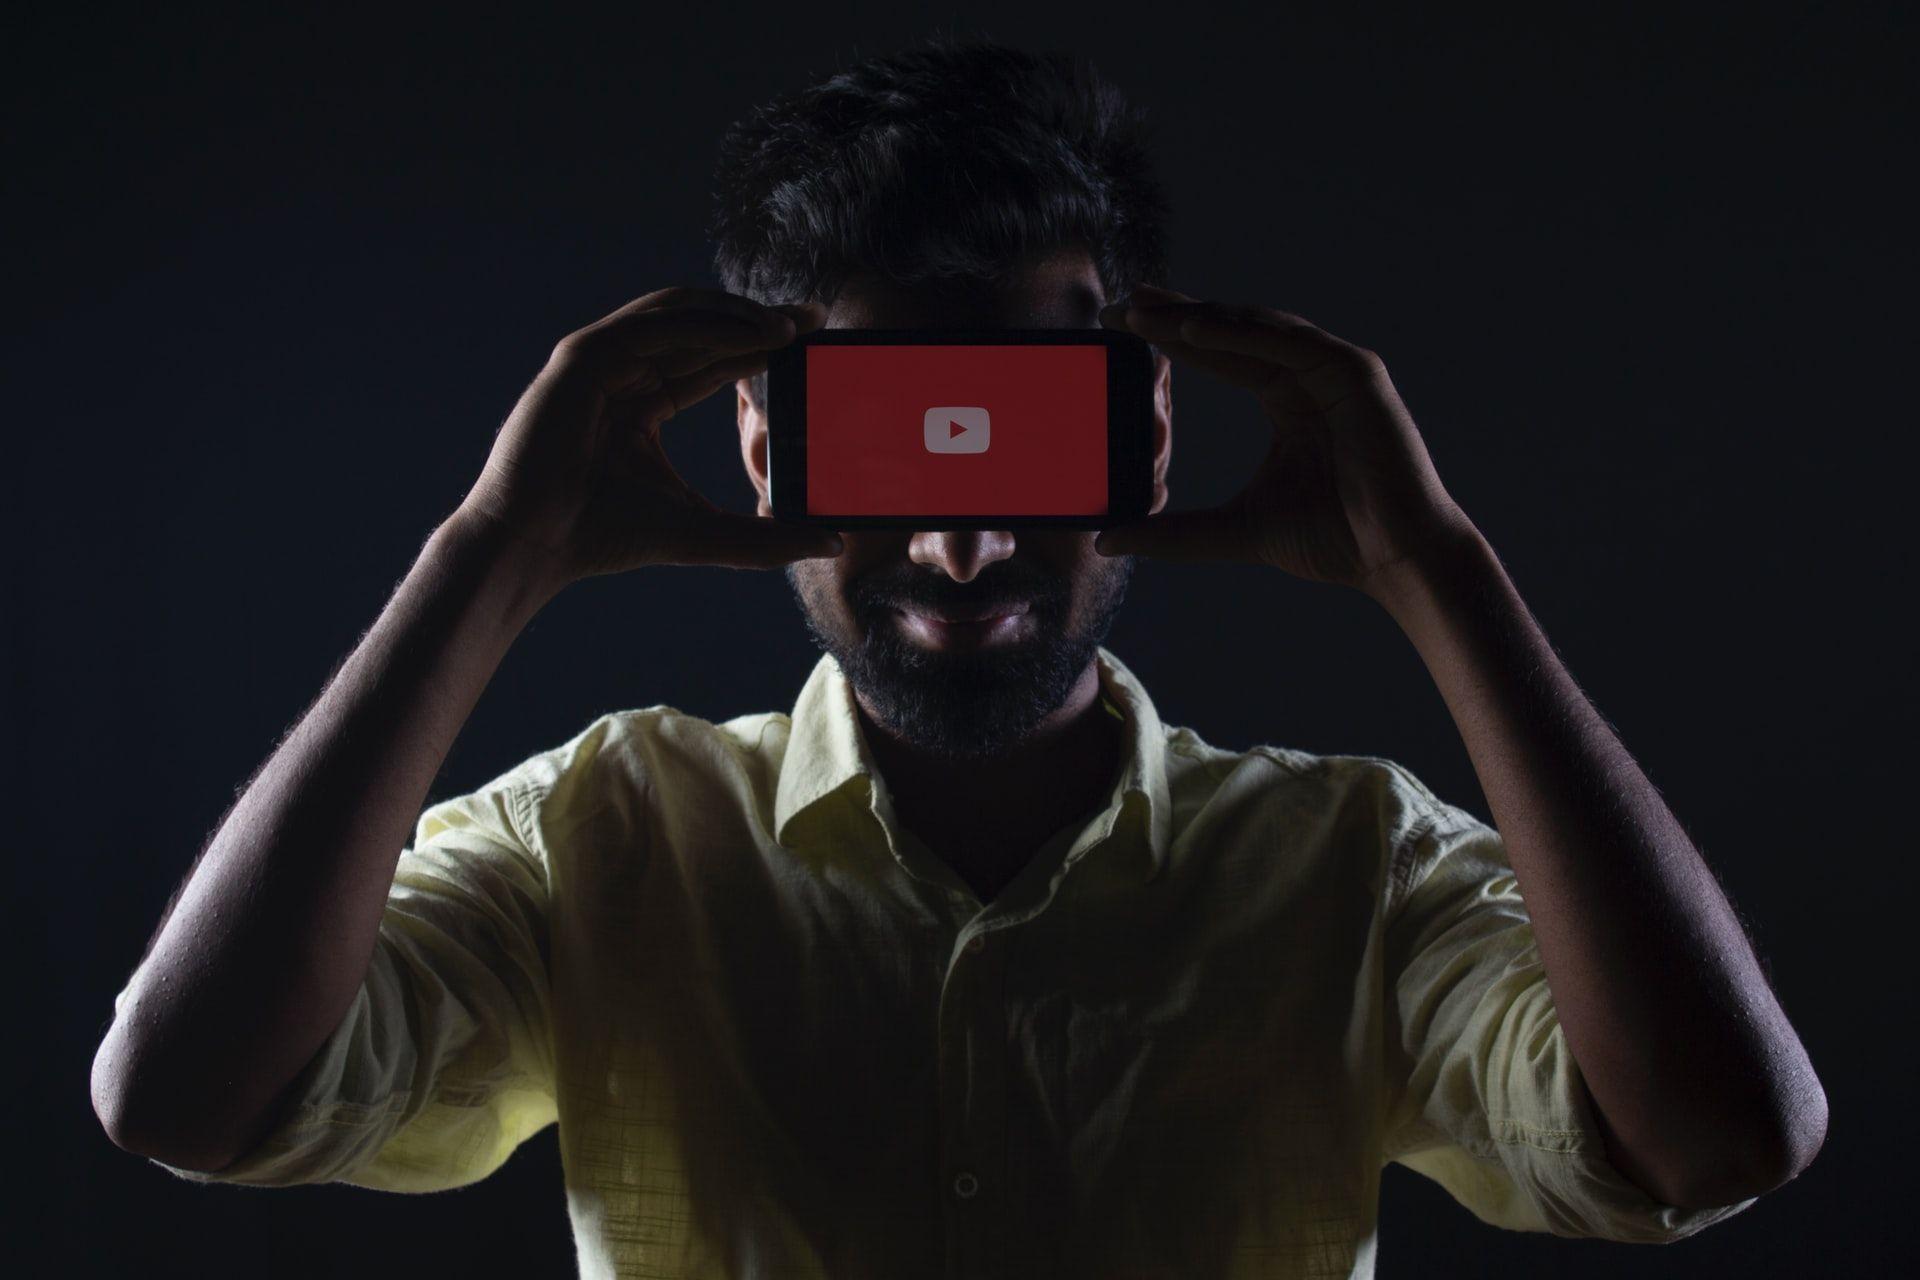 YouTube витратить 100 мільйонів доларів на оплату творцям контенту, які використовують YouTube Shorts